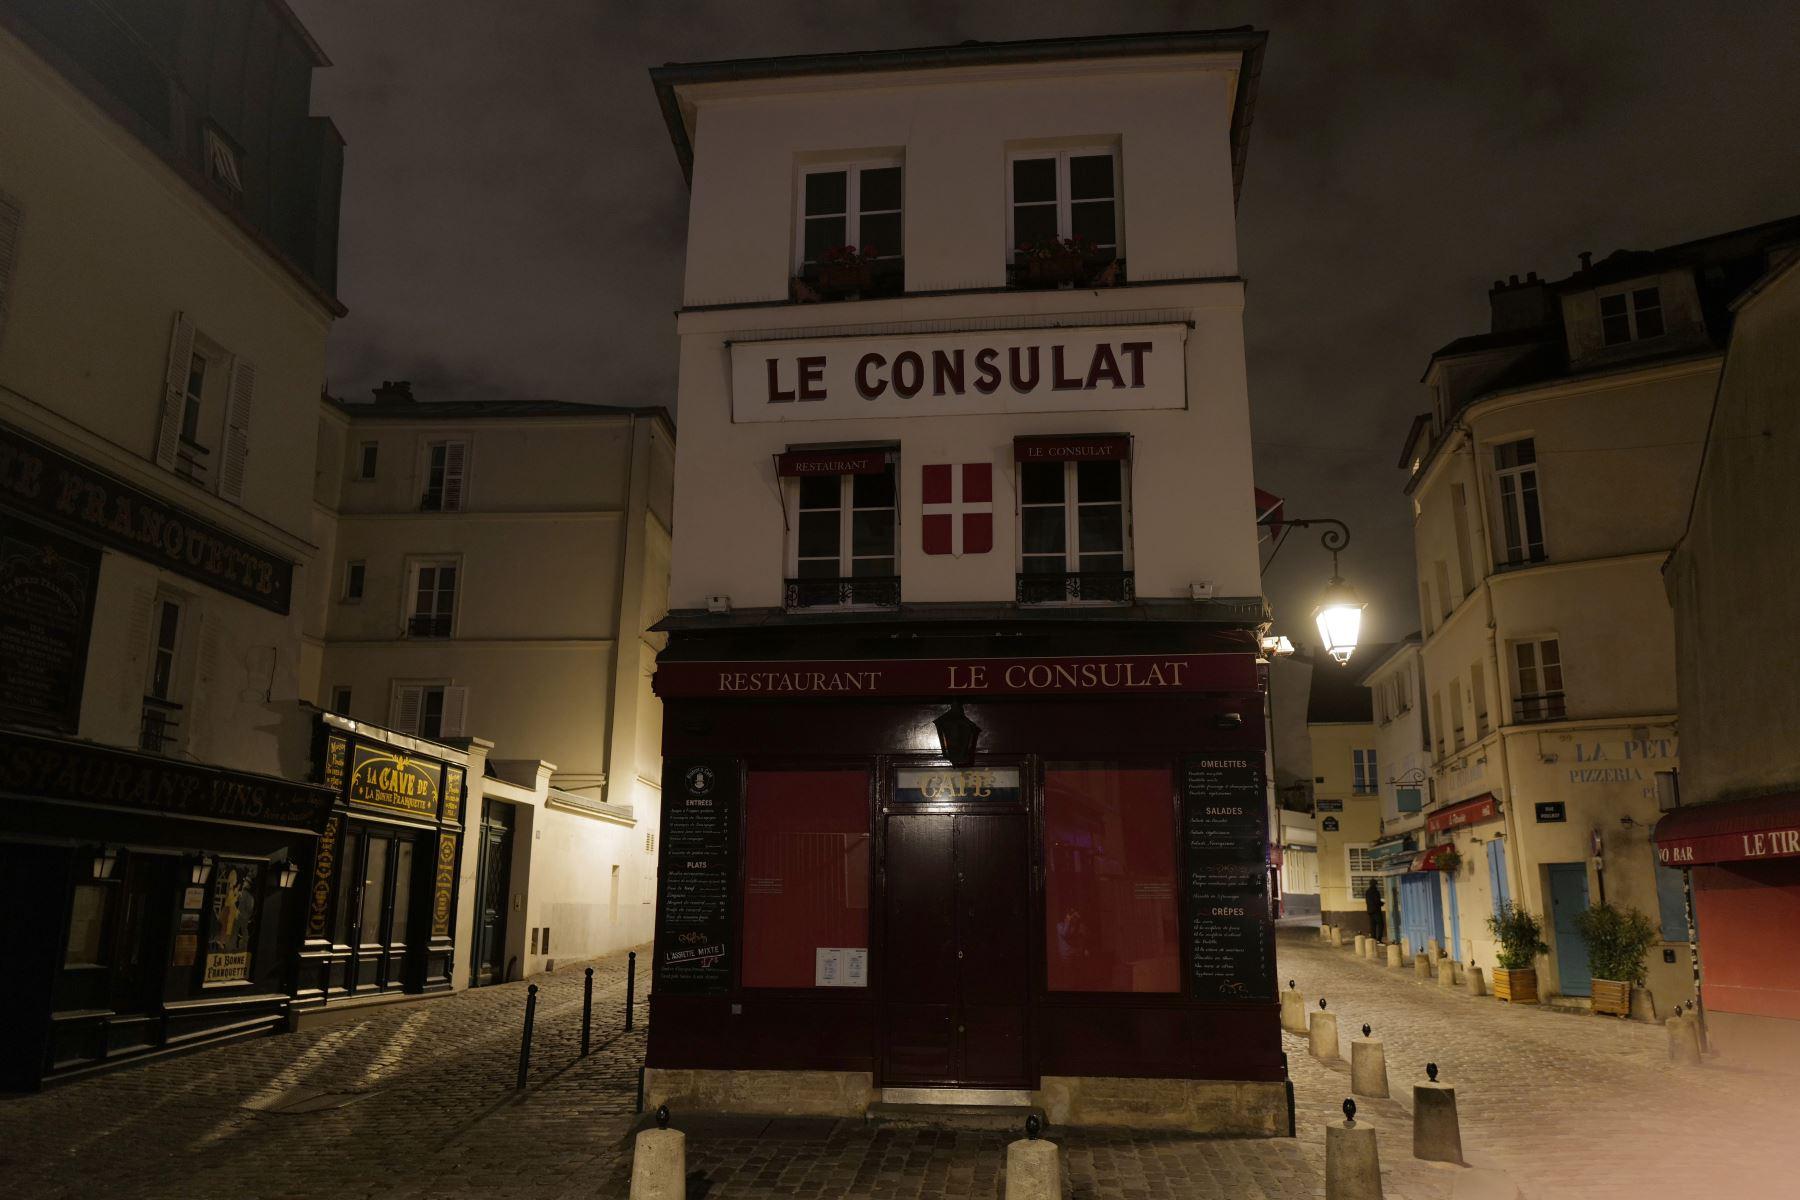 Una foto tomada durante la noche muestra la calle Norvins en Montmartre en el distrito 18 de París, durante un toque de queda nocturno del virus como medida contra la propagación de la pandemia Covid-19 causada por el nuevo coronavirus.  Foto: AFP